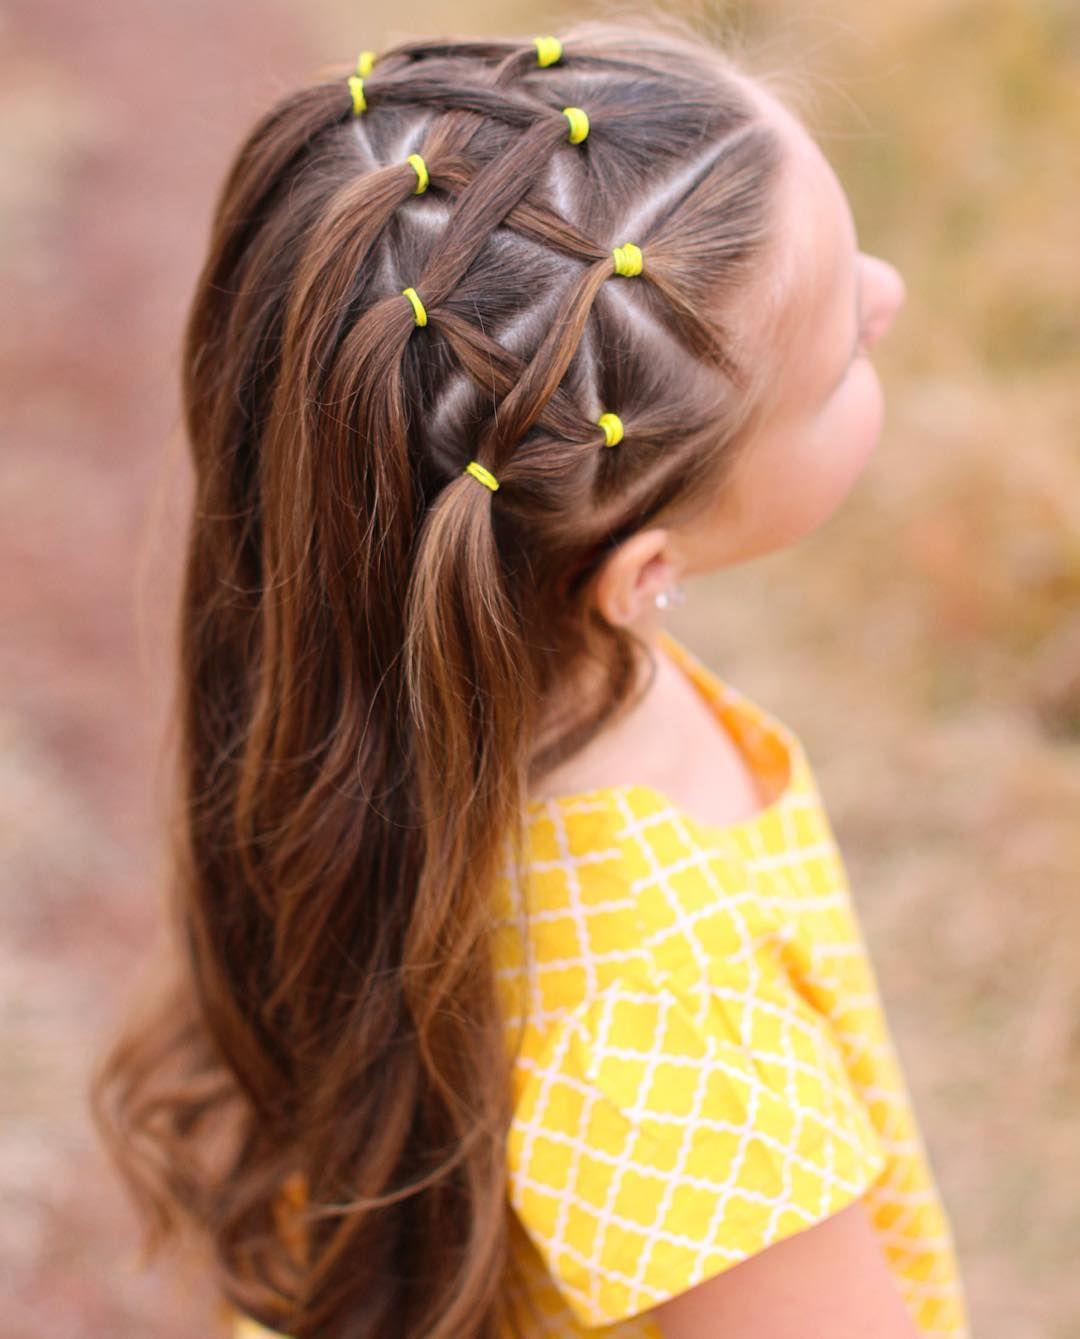 Прически на каждый день для девочек с короткими волосами фото